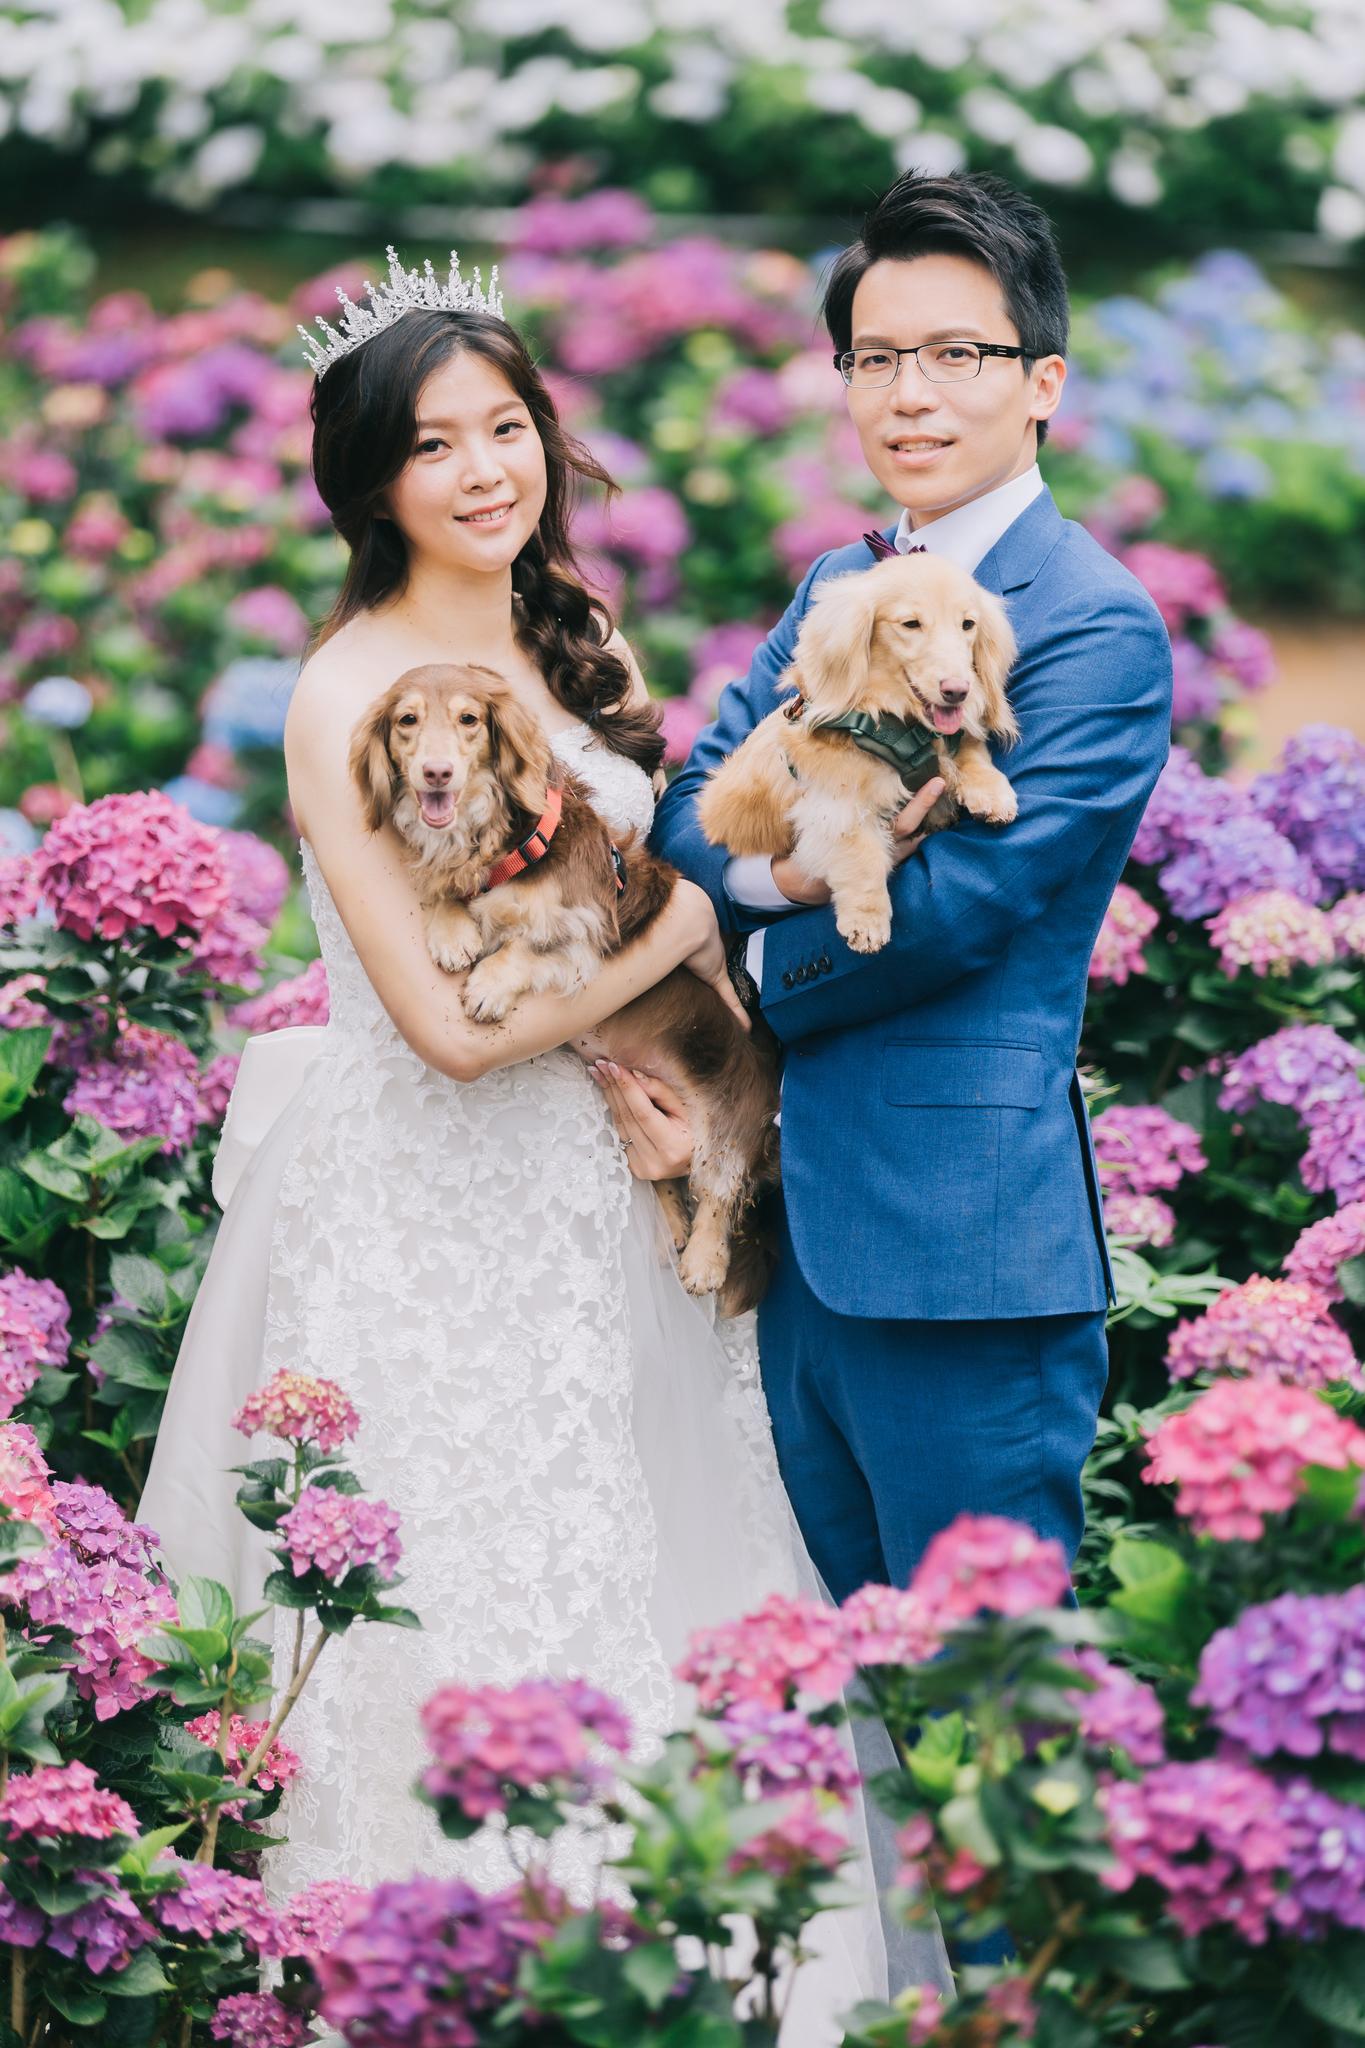 自然捲攝影工作室 拍出清新自然的婚紗照